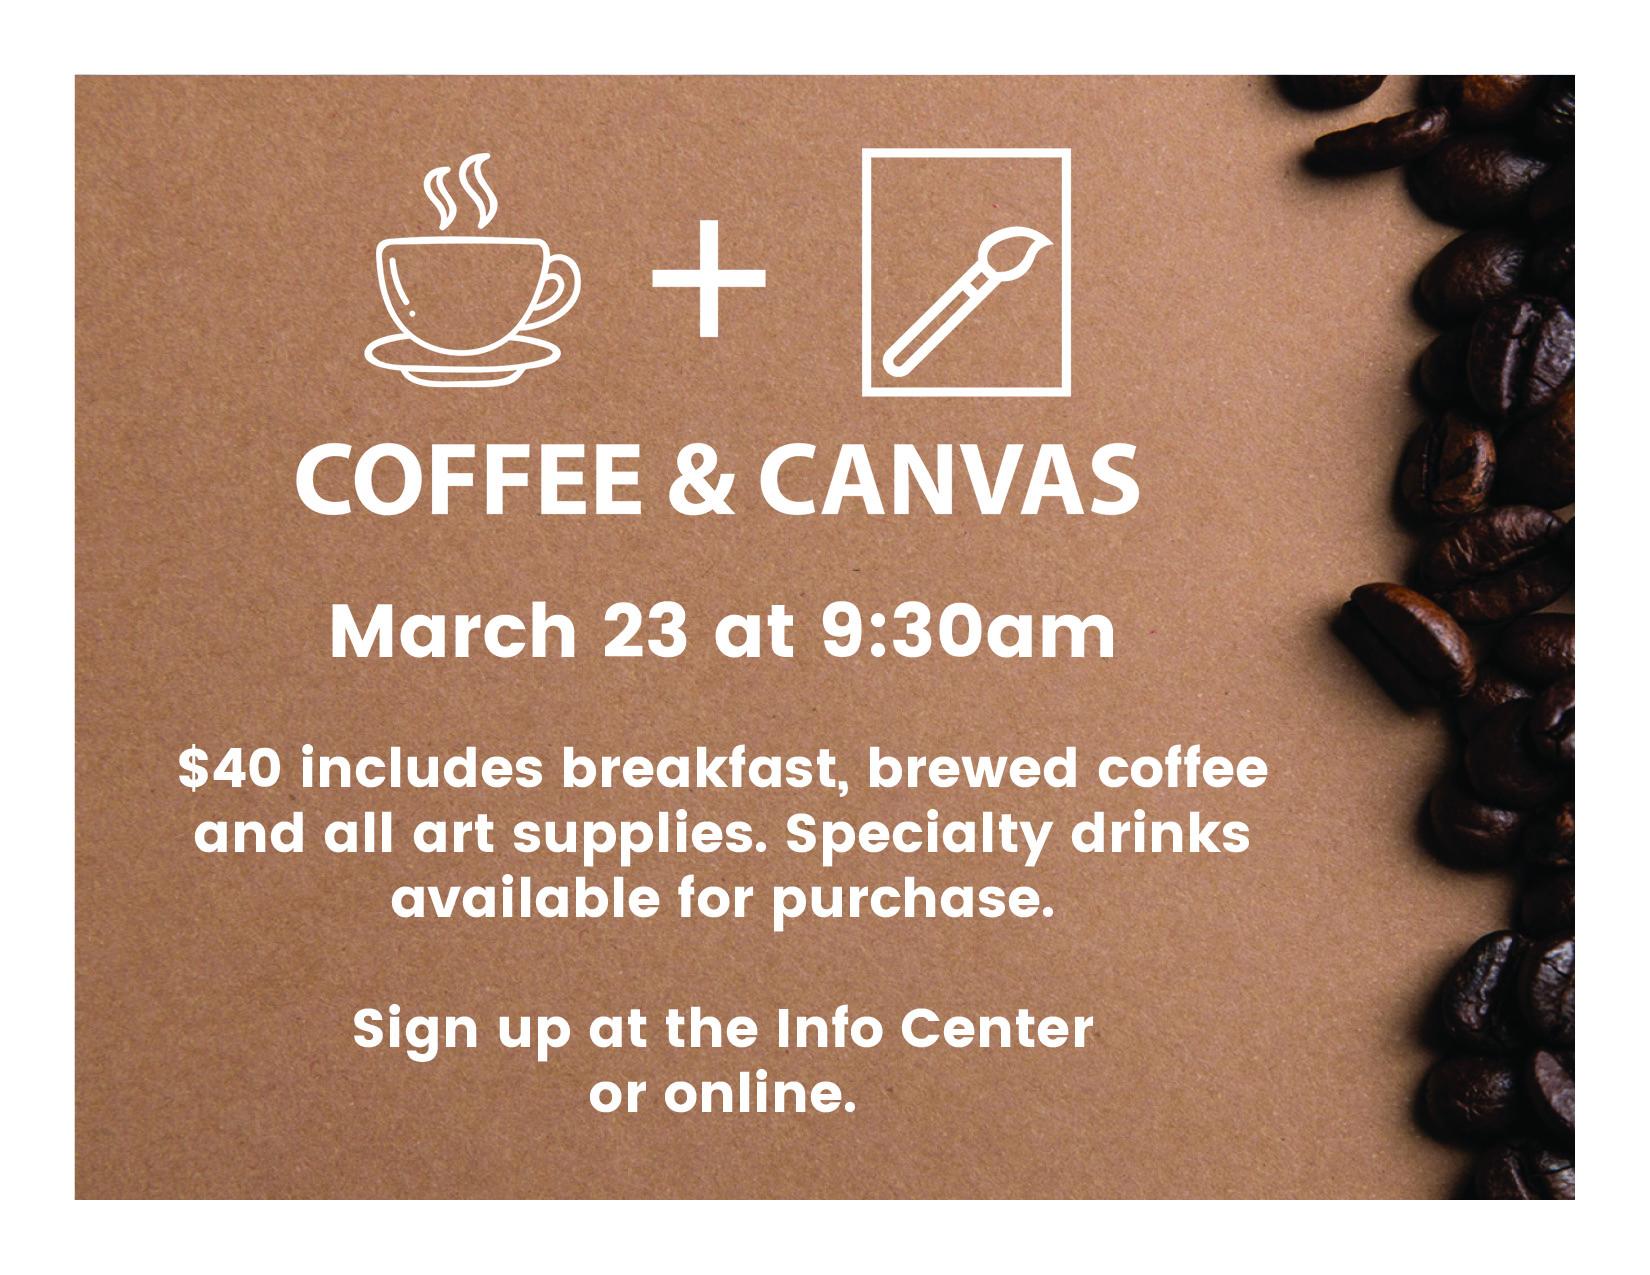 COFFEE & CANVAS march card.jpg